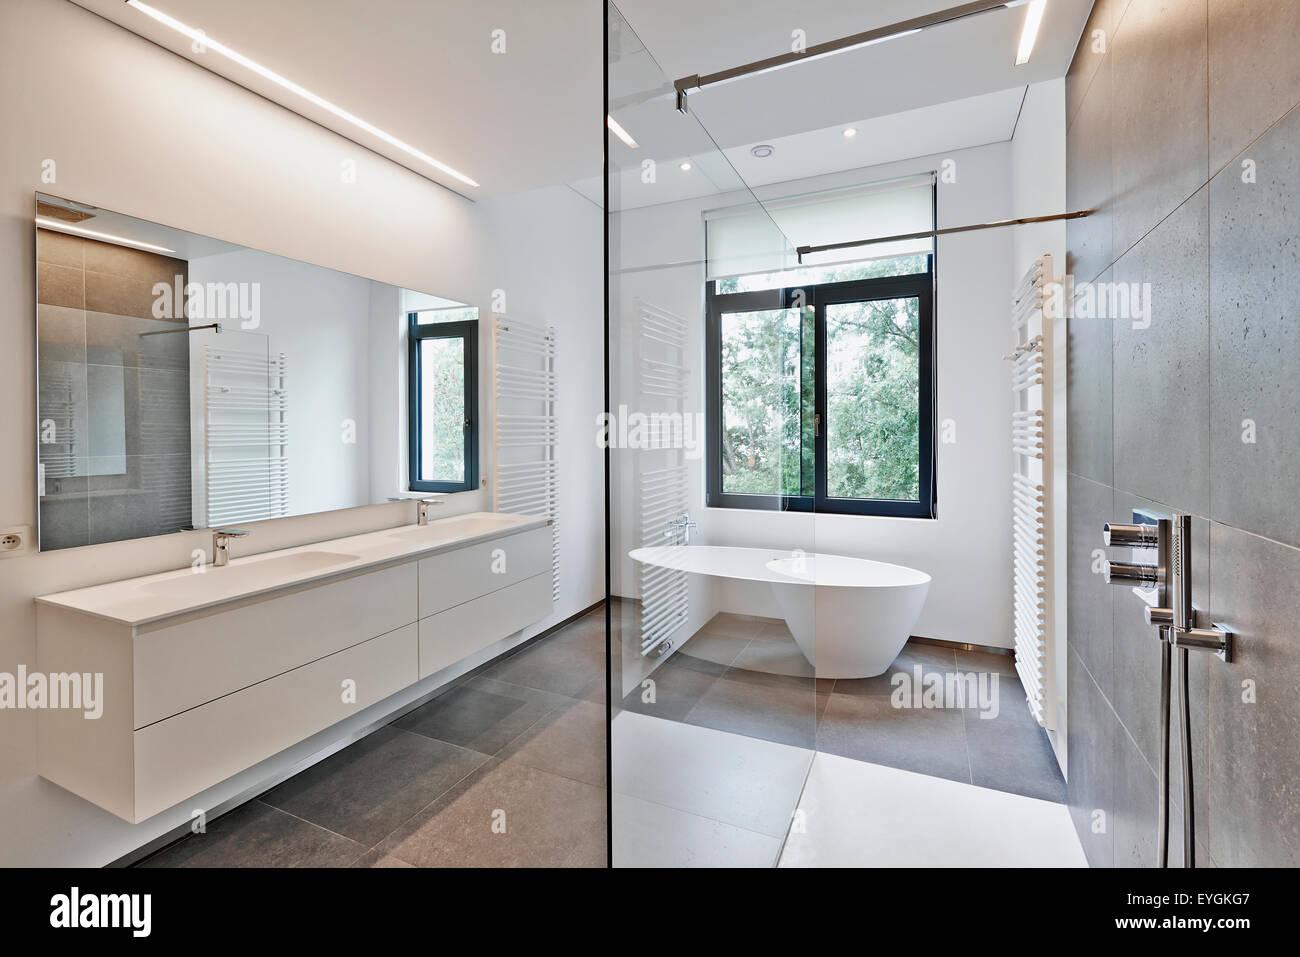 Badezimmer Heizkã¶rper   Badewanne In Corian Wasserhahn Und Dusche Im Badezimmer Mit Fenster